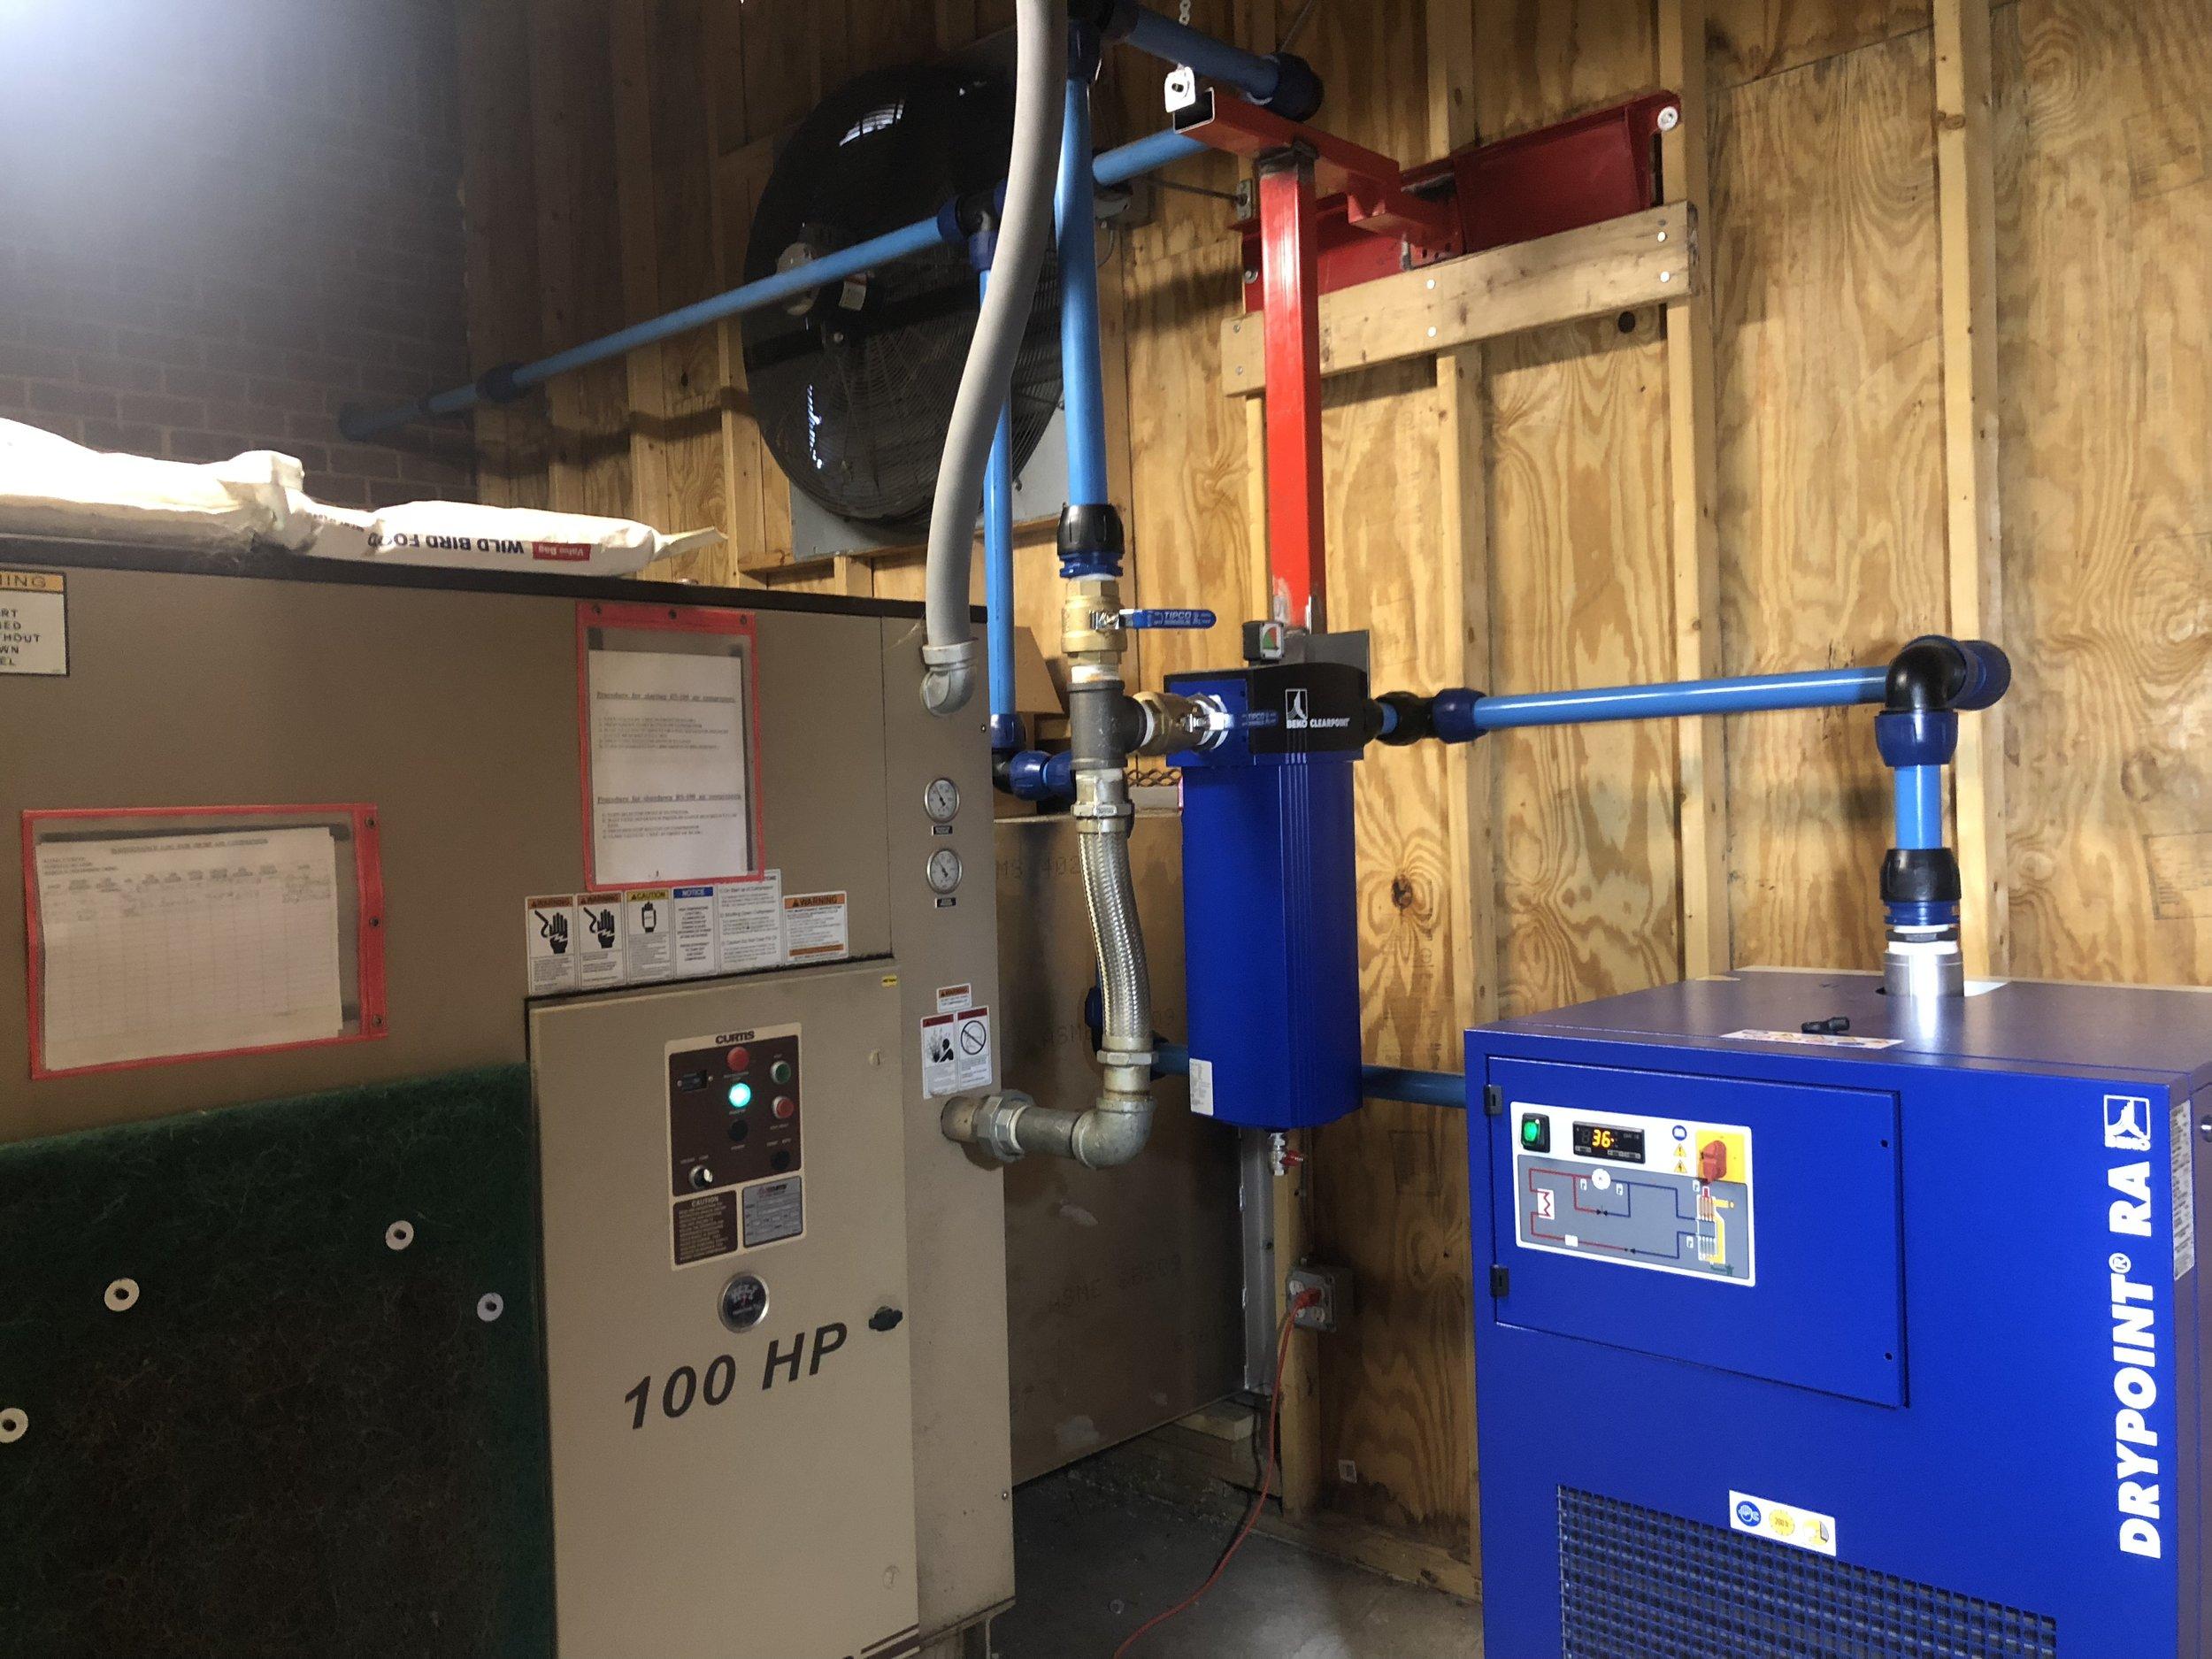 500 CFM Beko Air Dryer Installed at Machine Shop